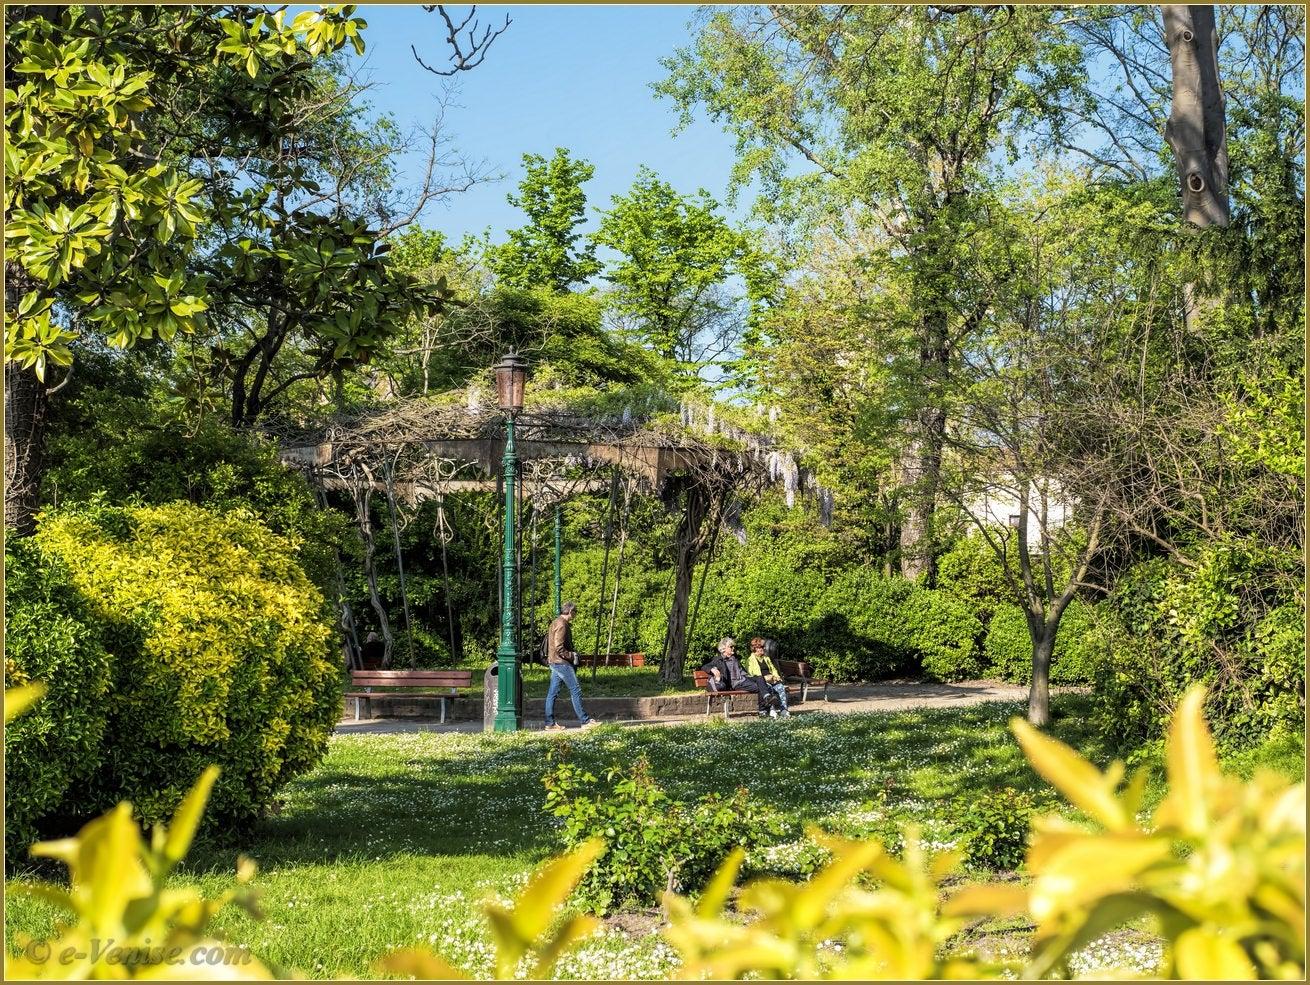 Le printemps aux giardini biennale venise e for Giardini a venise